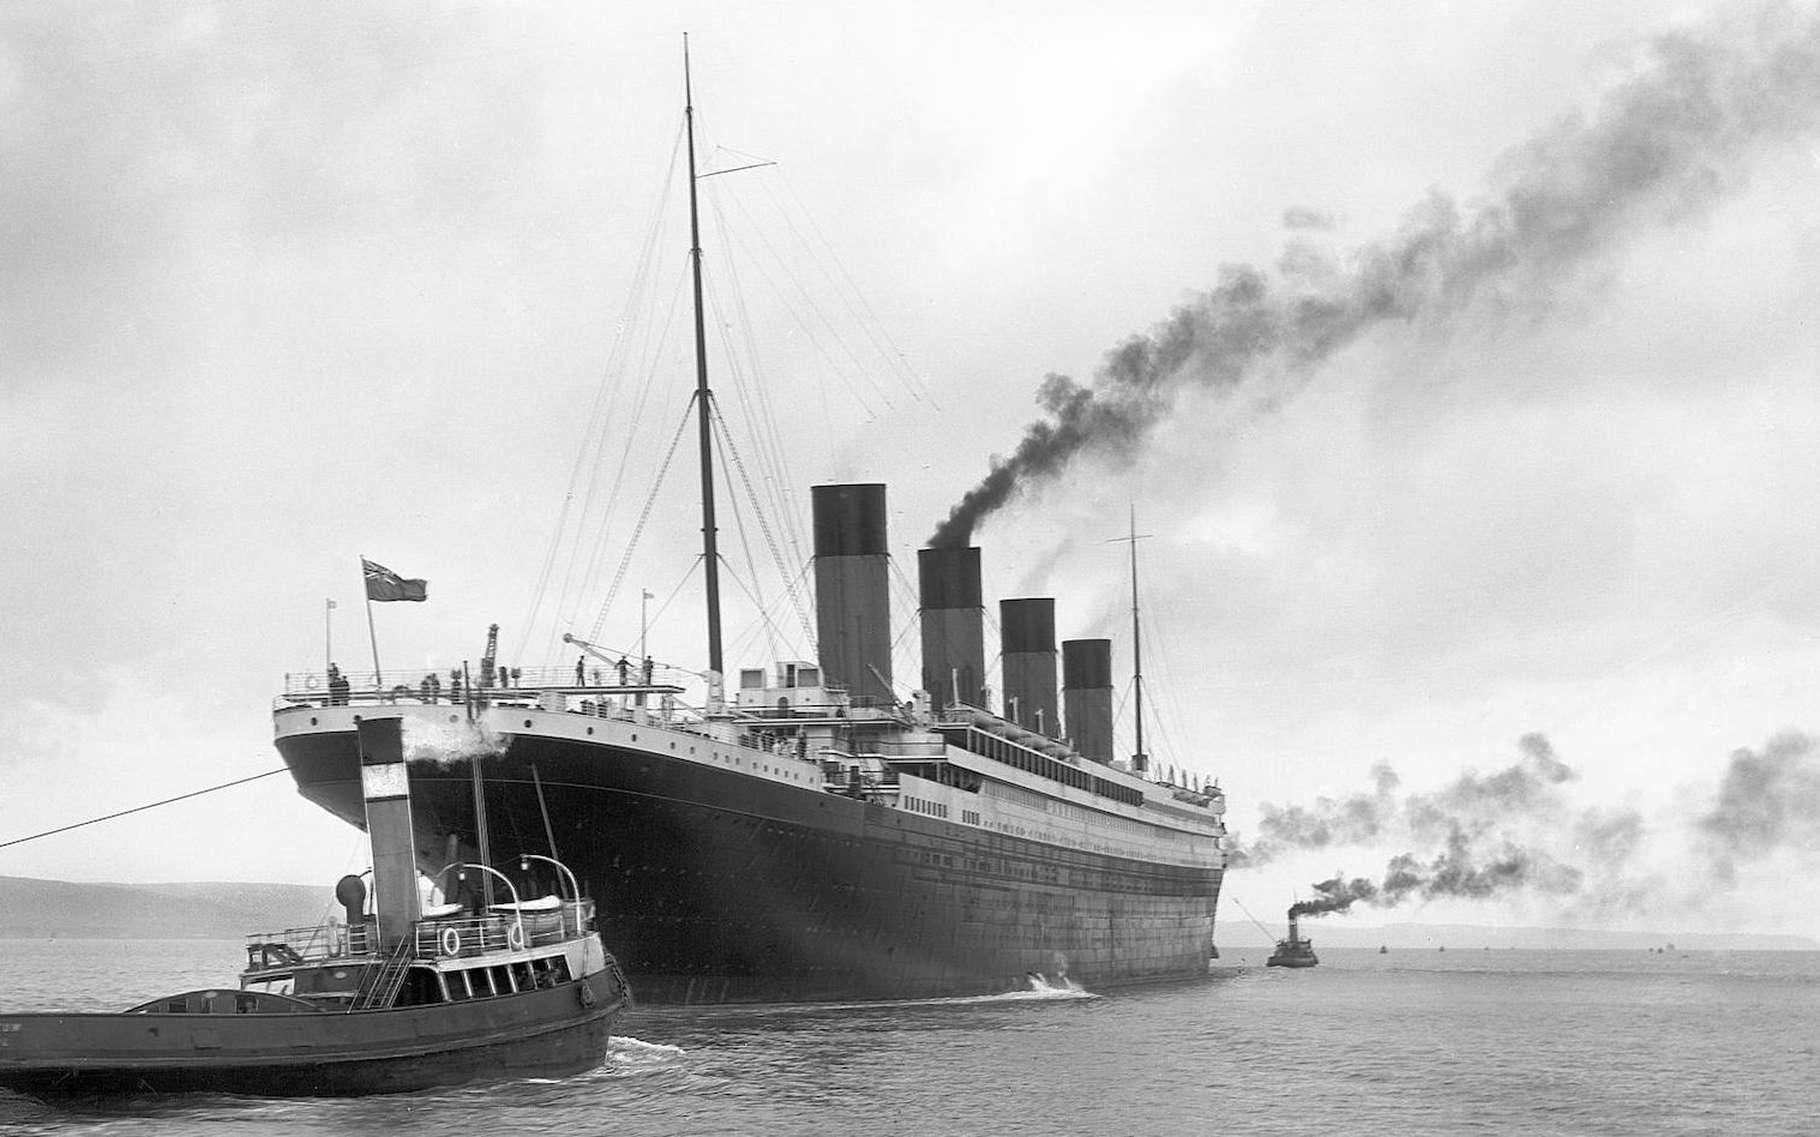 Le Titanic à son départ de Belfast, le 2 avril 1912. Un peu plus de dix jours avant son naufrage. © Robert John Welche, Wikipedia, Domaine public